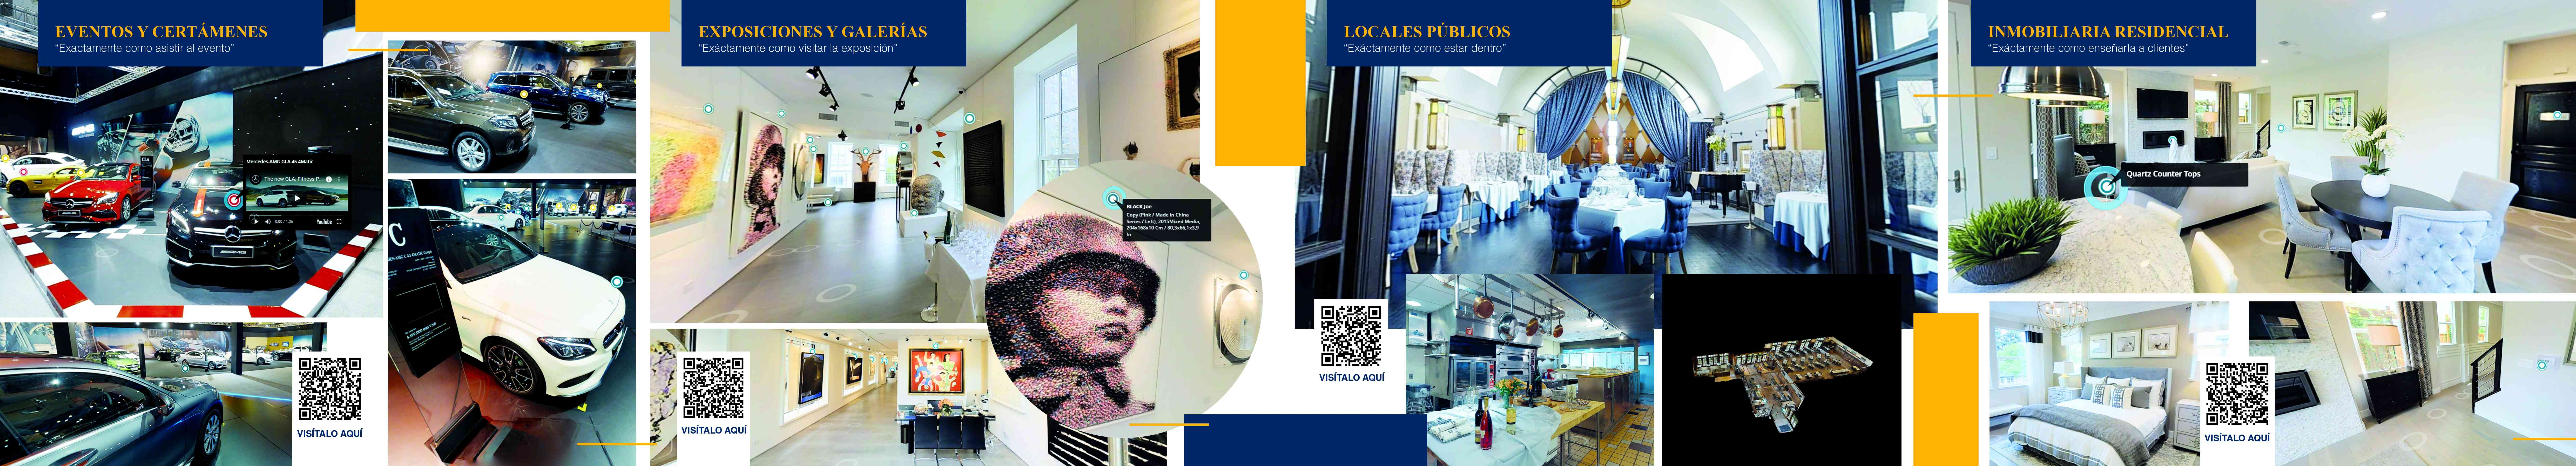 3D Virtual Tours | Marbella Espagne | visite virtuelle 360 3D VR